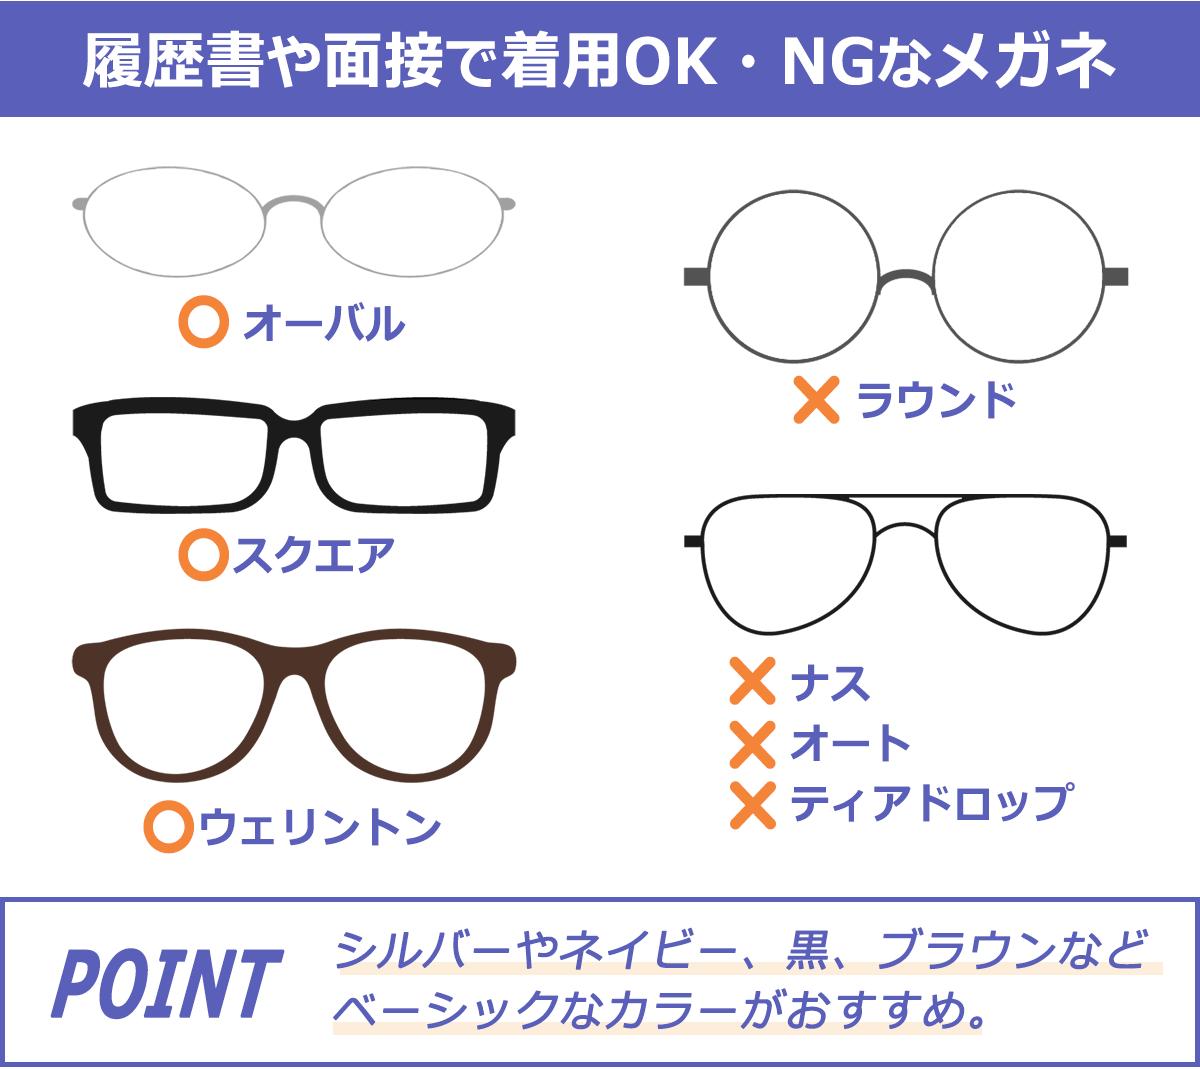 履歴書や面接で着用OK・NGなメガネの例